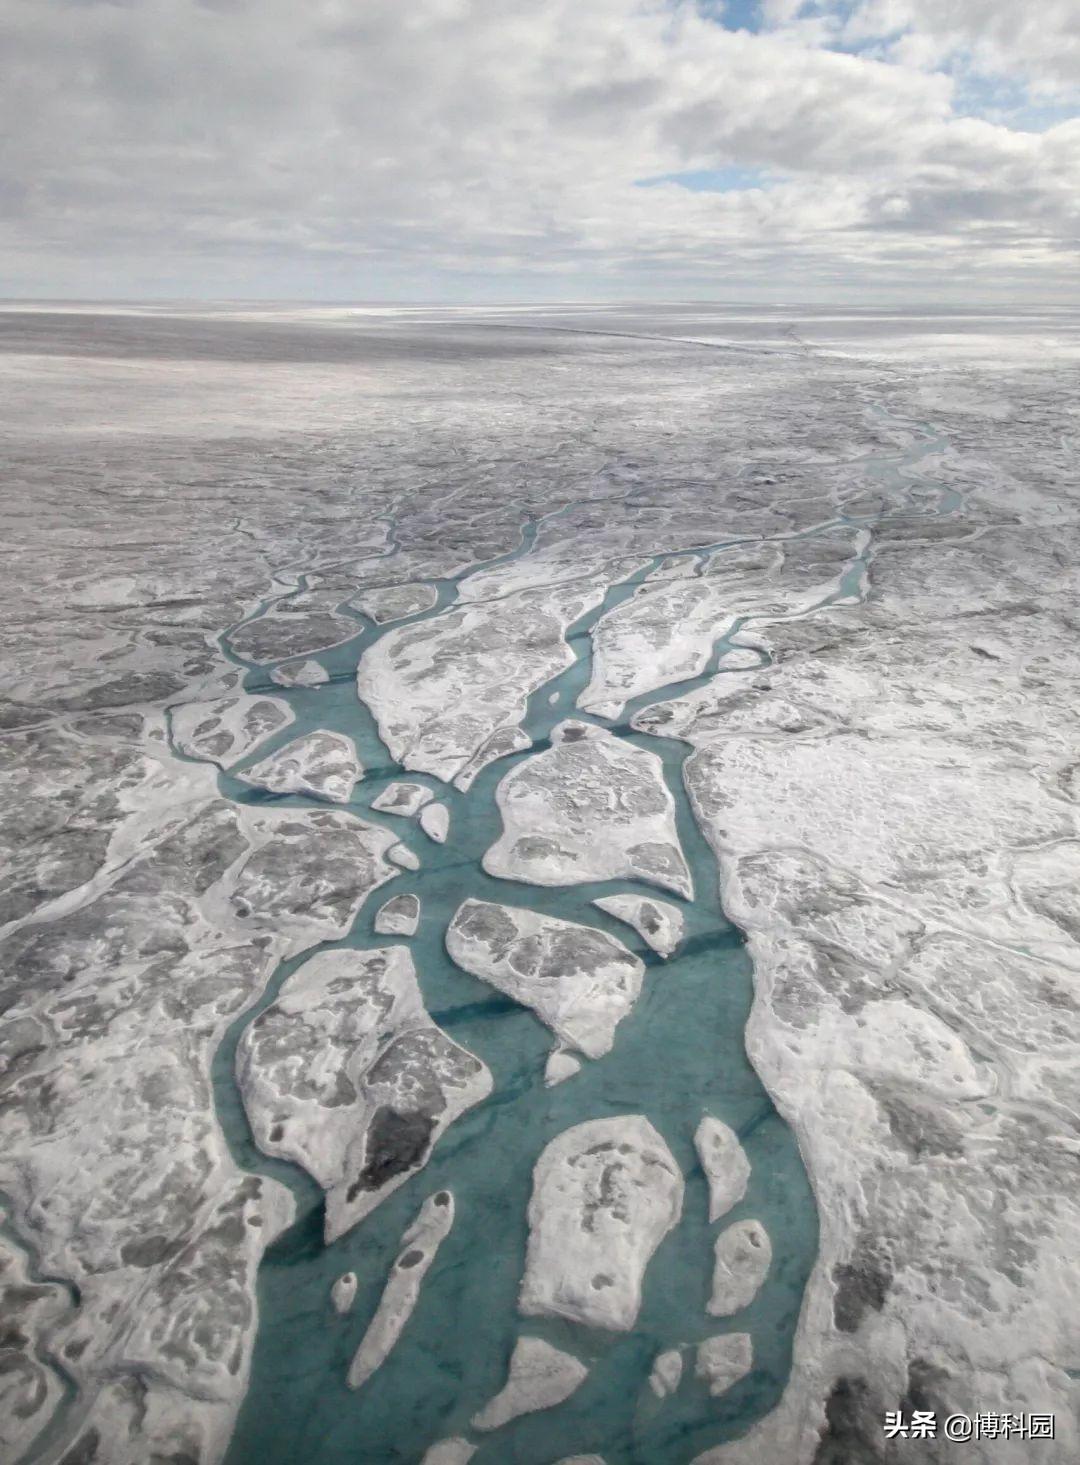 哇哦!在格陵兰岛冰盖下,发现56个湖泊